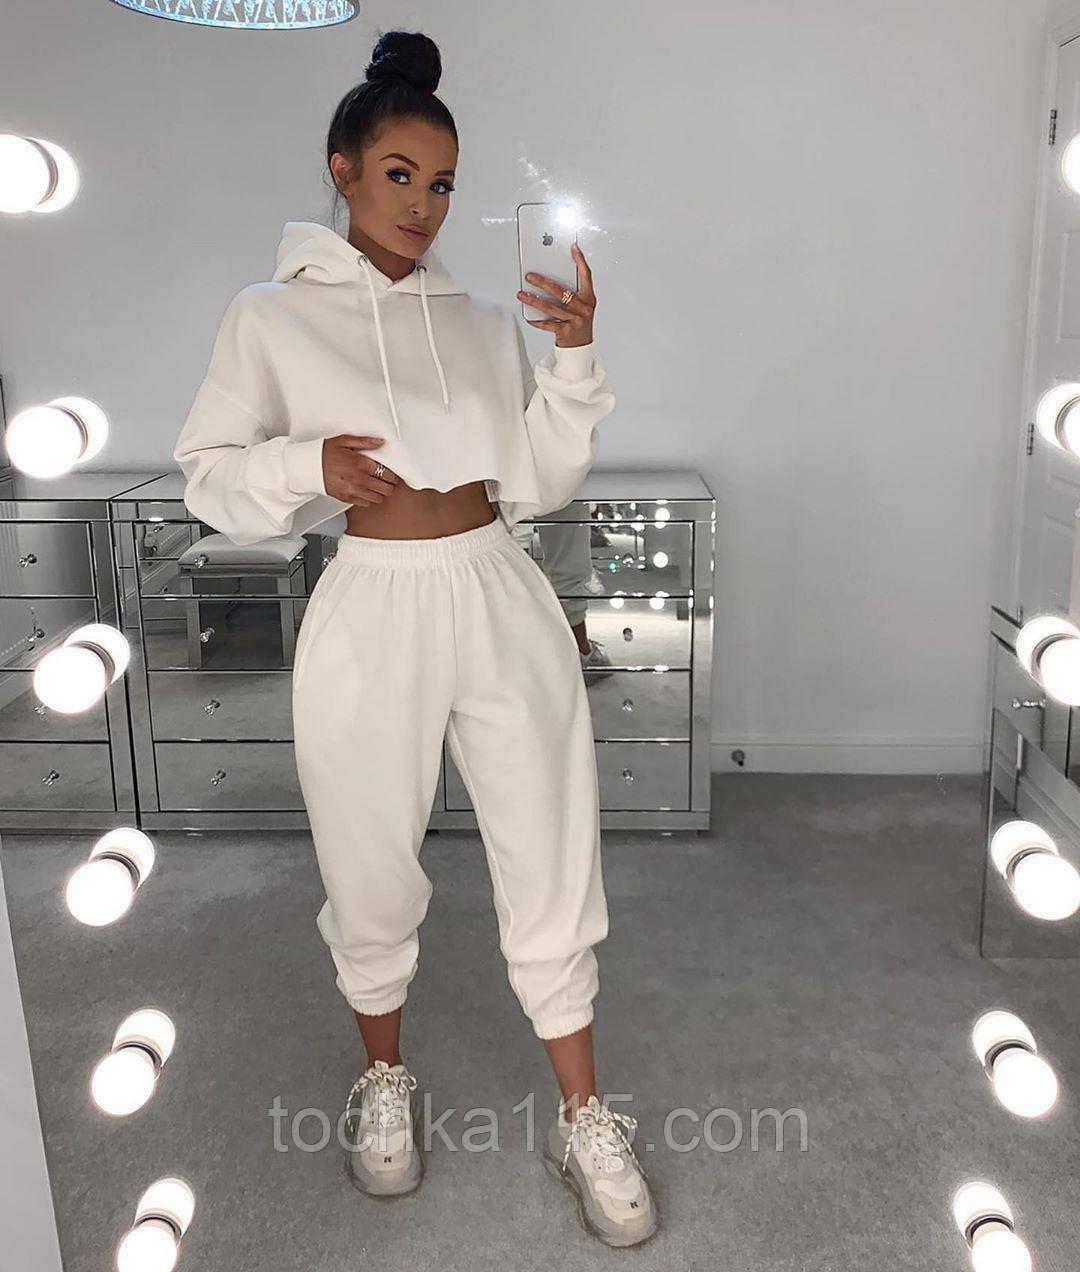 Супер модный базовый костюм с объемным худи, S/M/L/XL, цвет белый